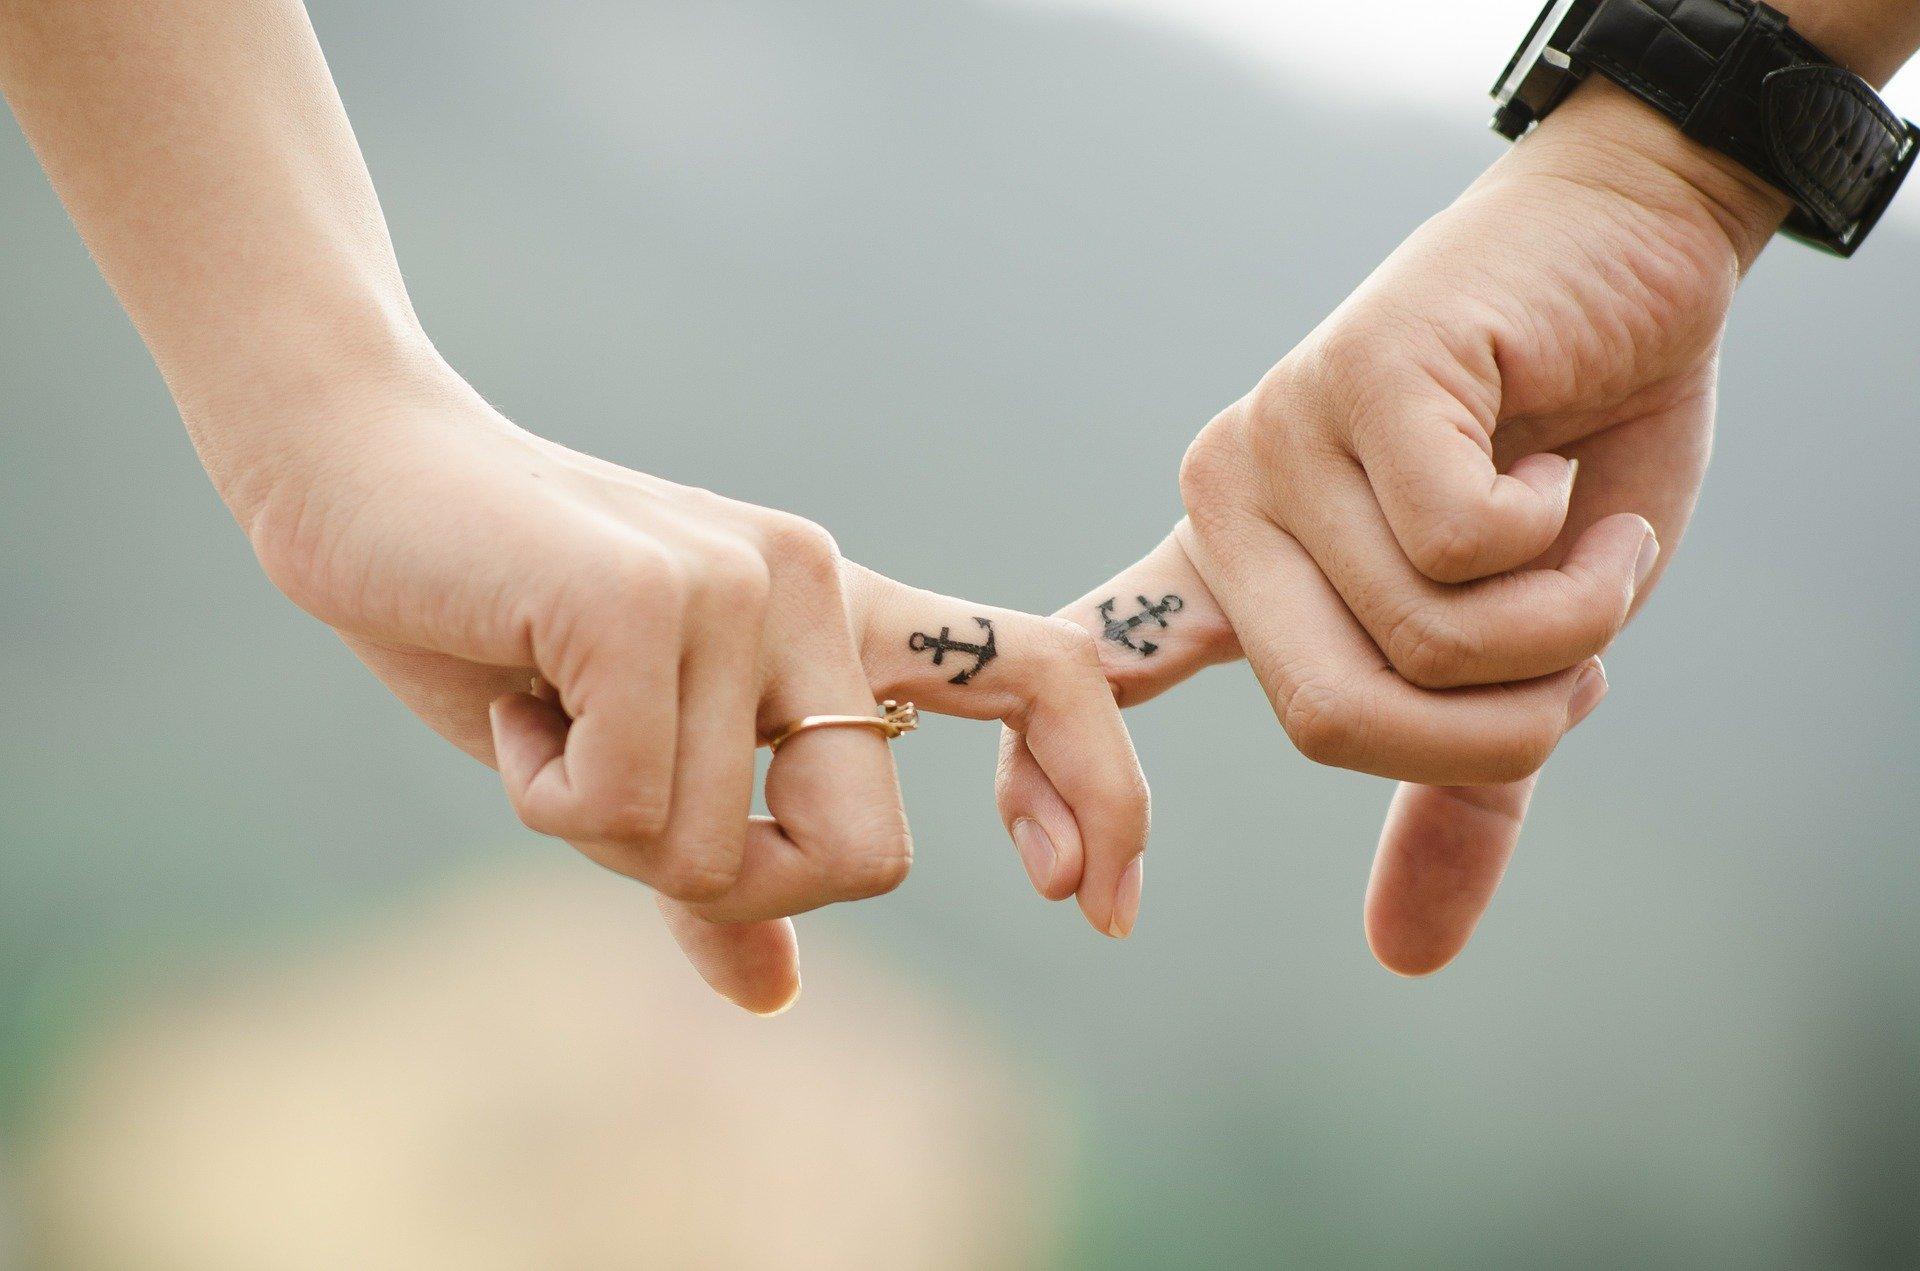 Romantika in ljubezen sta na vrhu seznama prednostnih nalog ribic.